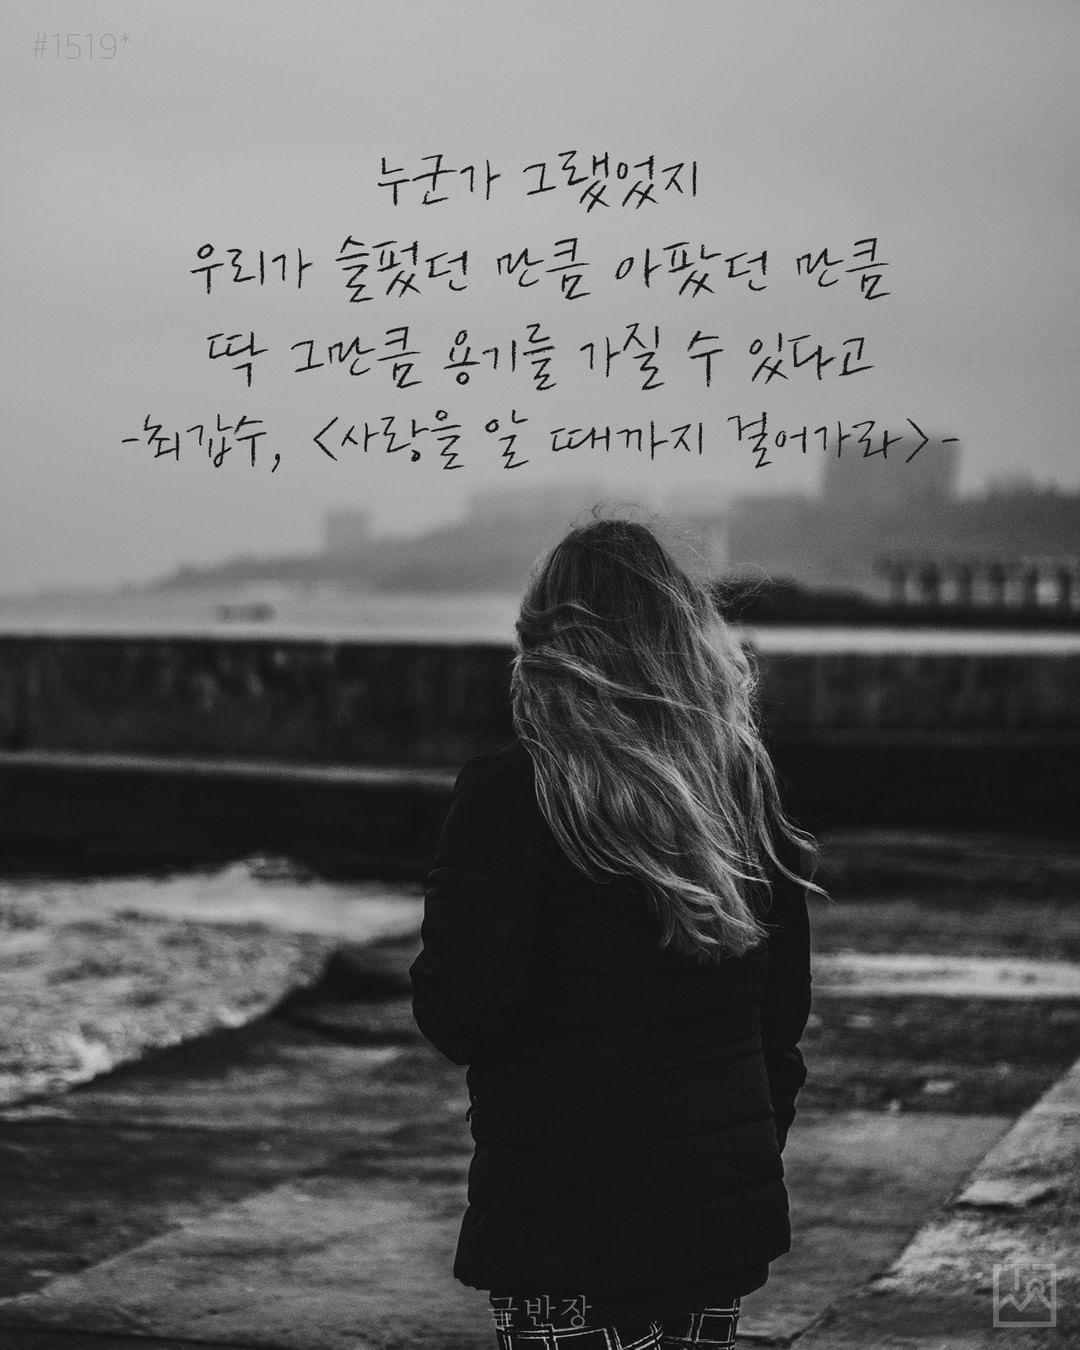 우리가 슬펐던 만큼 아팠던 만큼 딱 그만큼 용기를 가질 수 있다 - 최갑수, <사랑을 알 때까지 걸어가라>